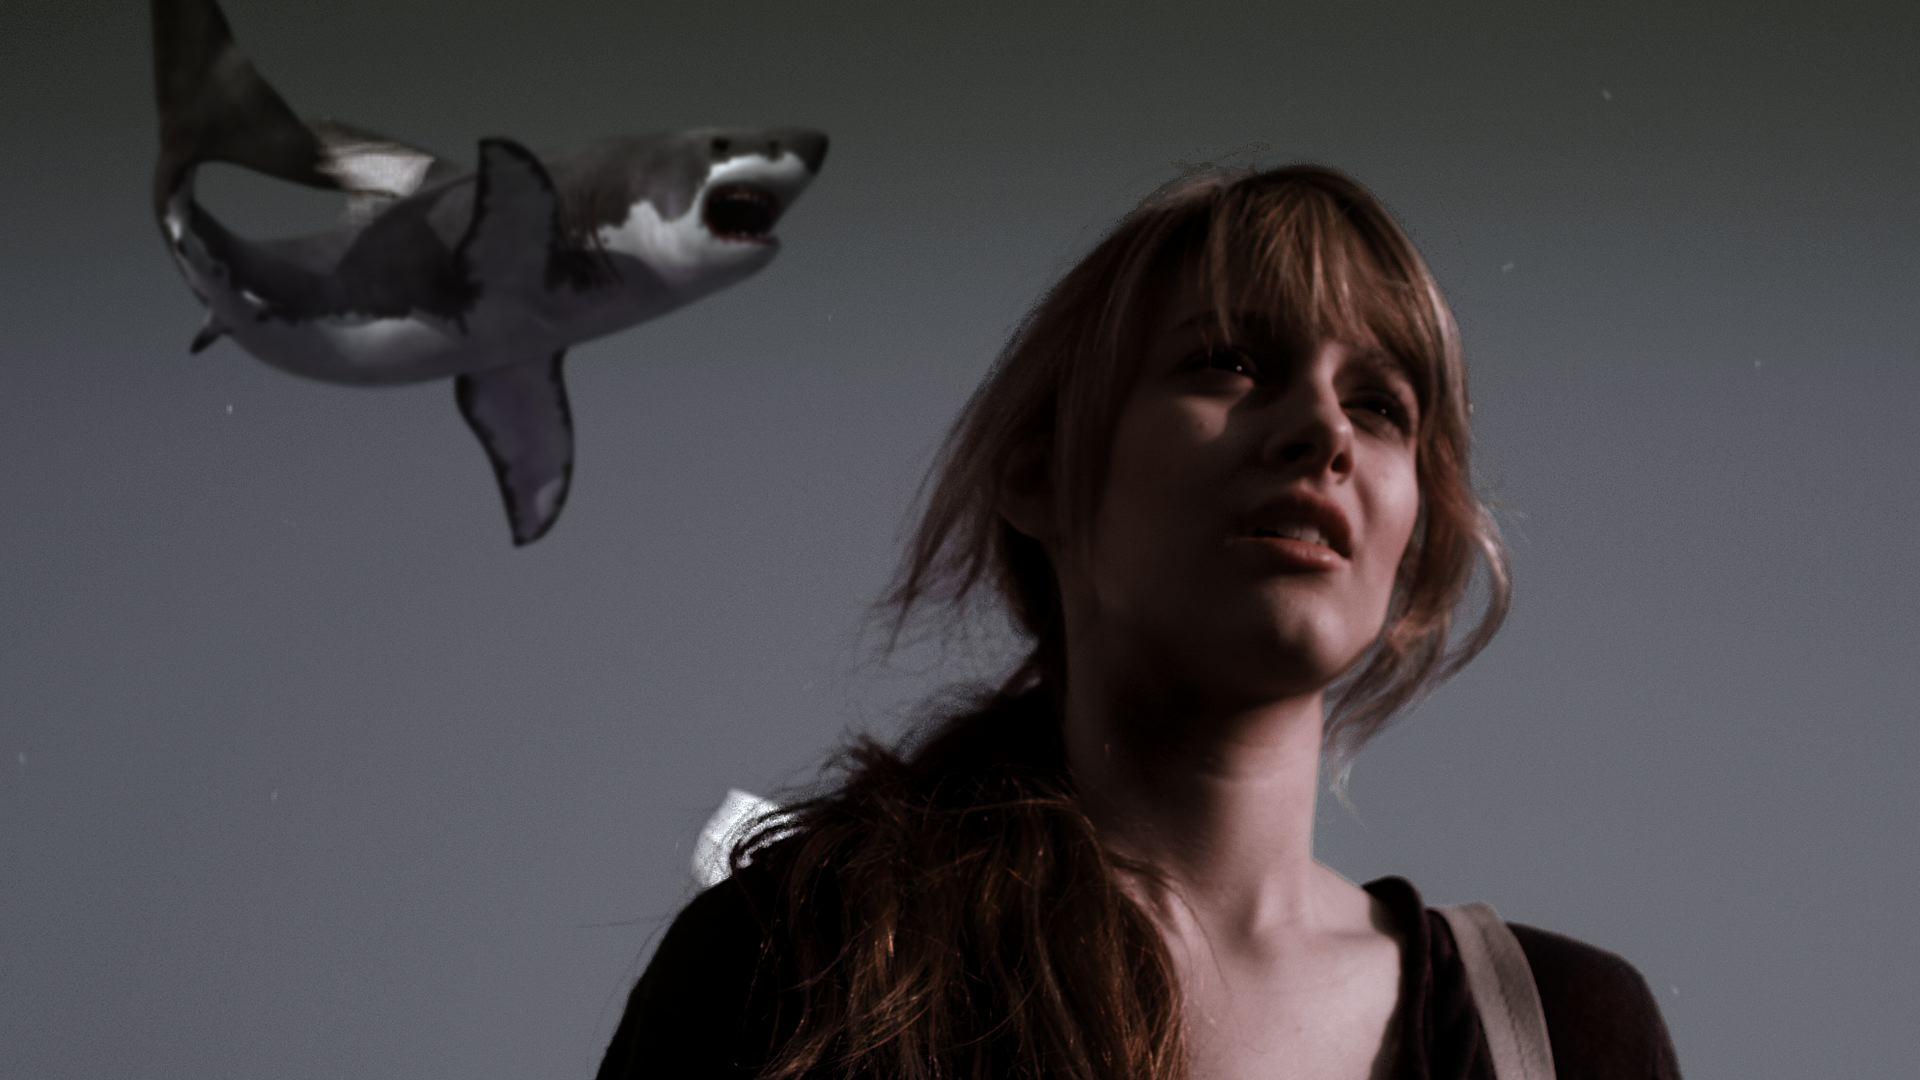 »Sharknado», la película más tuiteada de la historia de la tele, llega a España